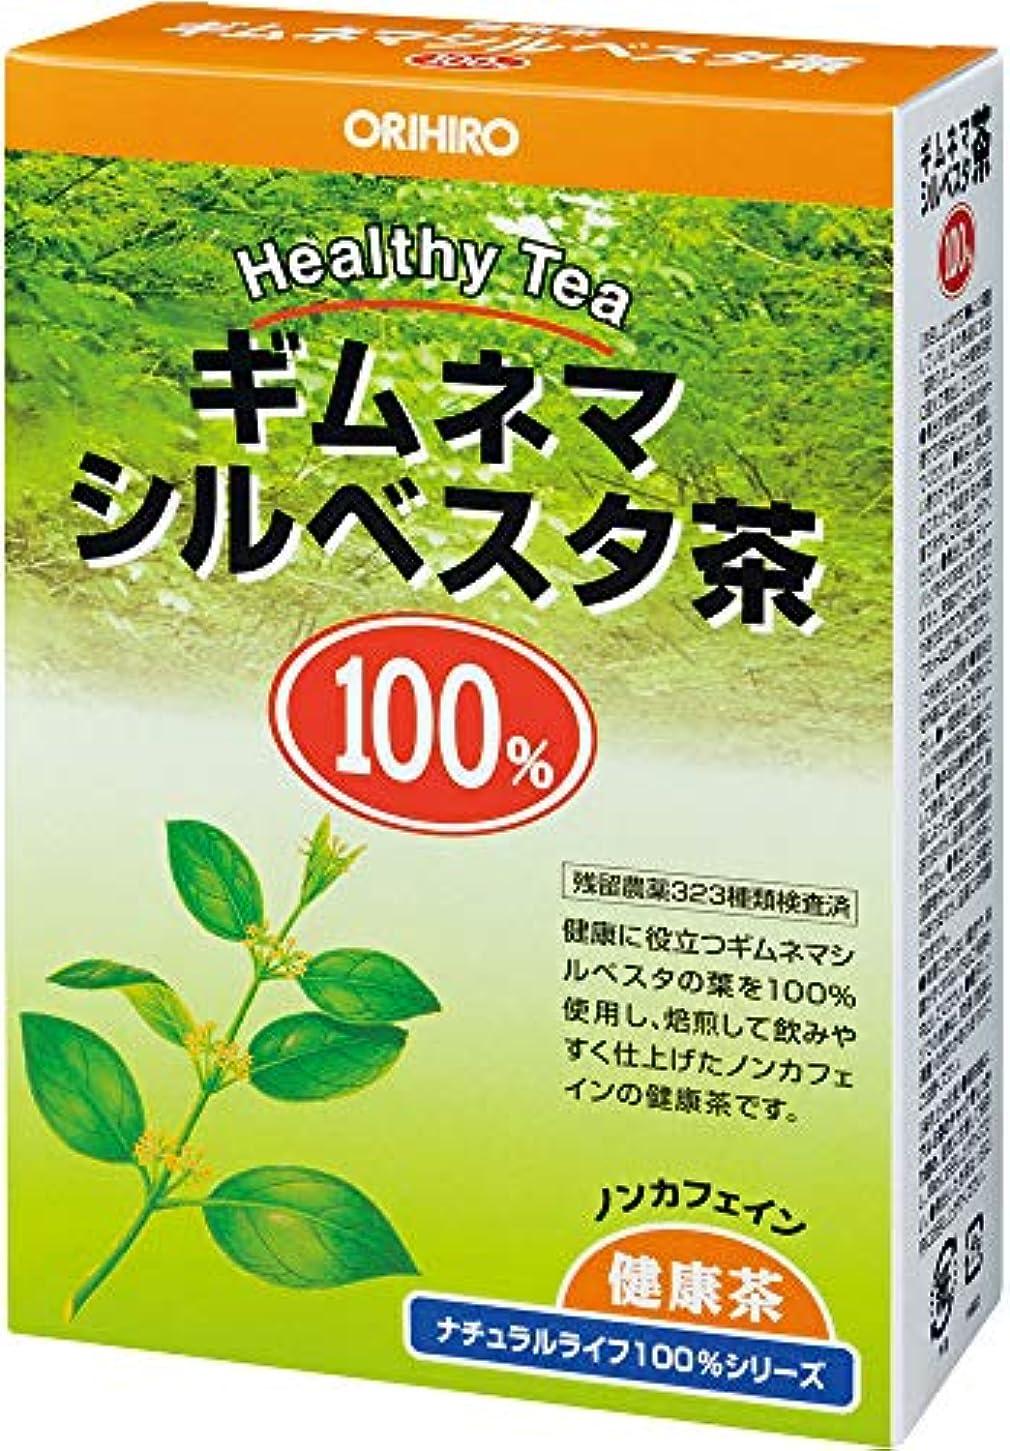 尽きるクマノミ短くするオリヒロ NLティー 100% ギムネマシルベスタ茶 2.5g×26包